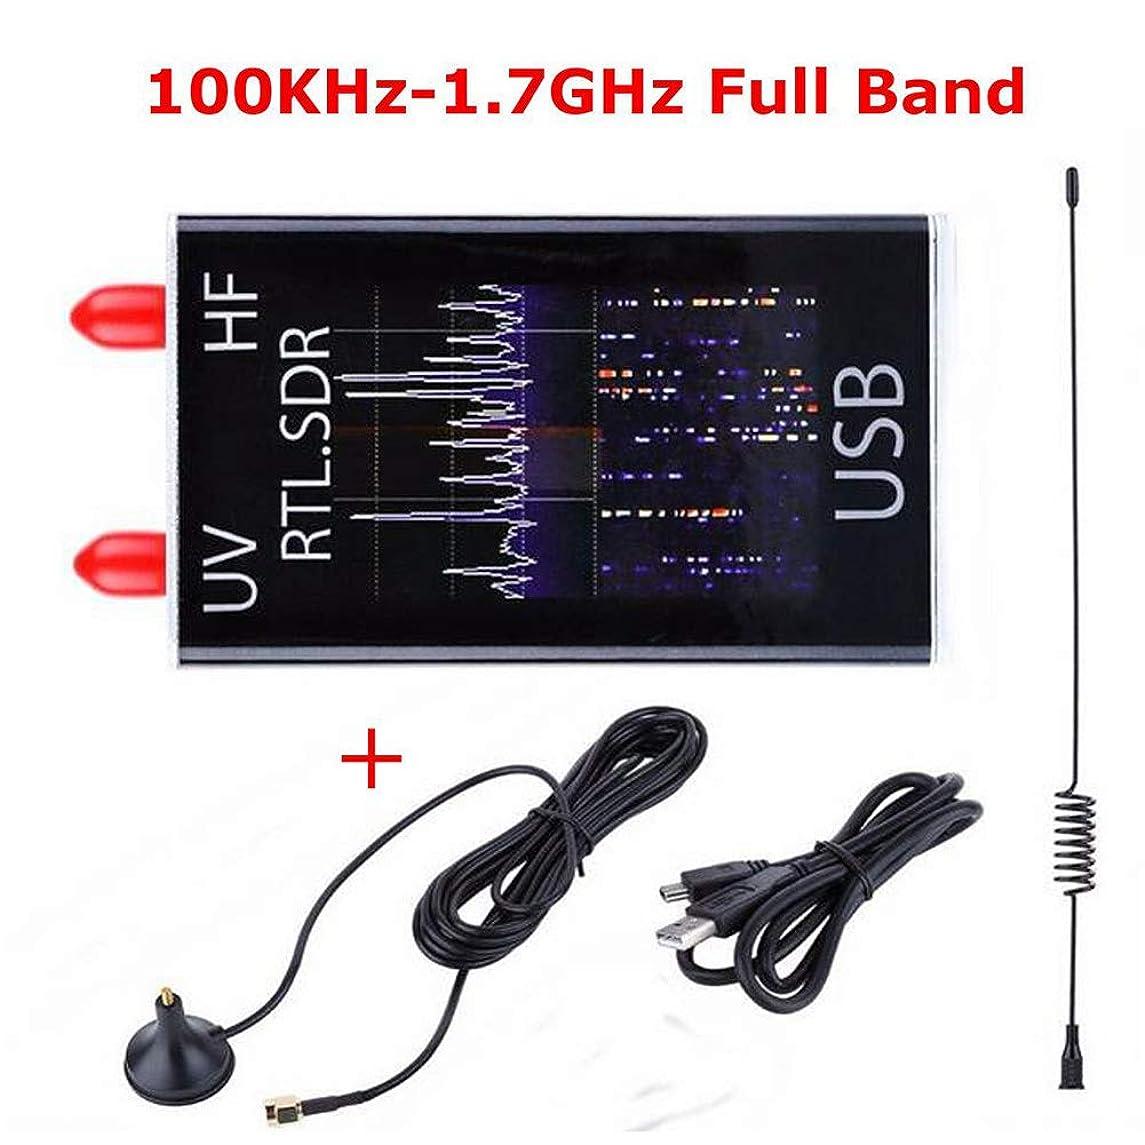 原始的なリットル早くACHICOO 100KHz?1.7GHzフルバンドUV HF RTL-SDR USBチューナーレシーバ/ R820T + 8232ハムラジオ